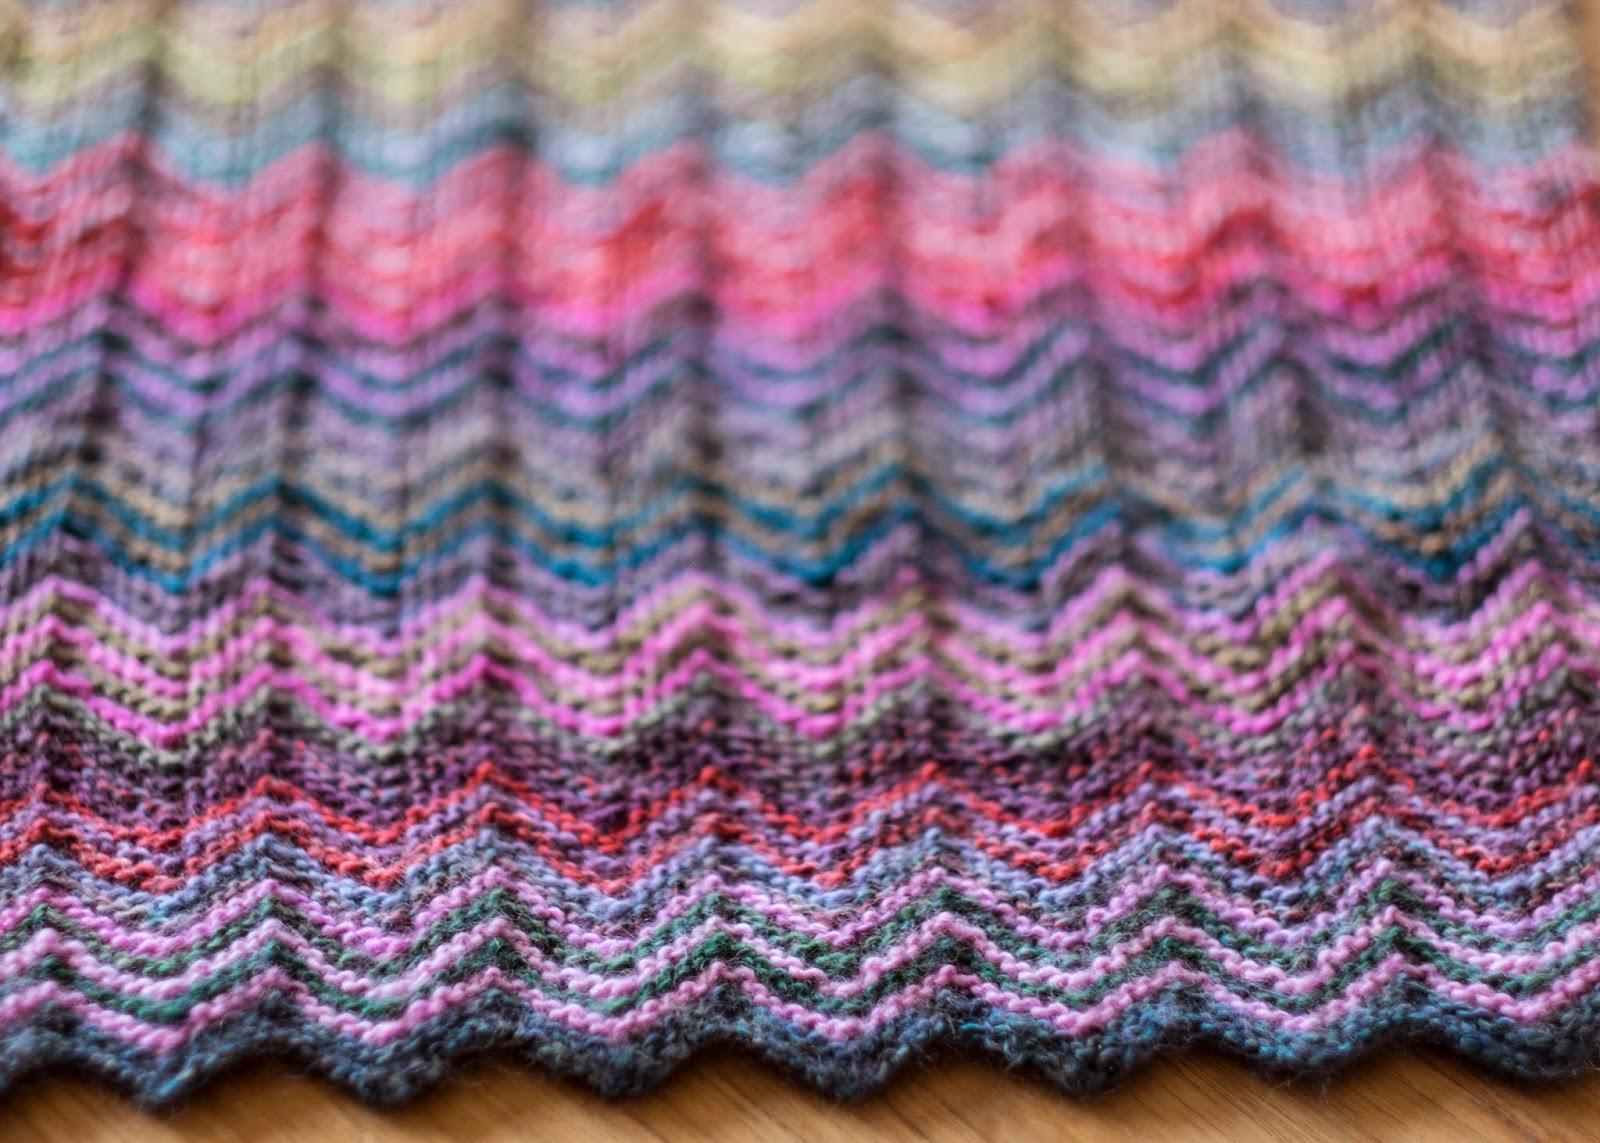 Fine Stricken Decken Muster Image Collection - Decke Stricken Muster ...